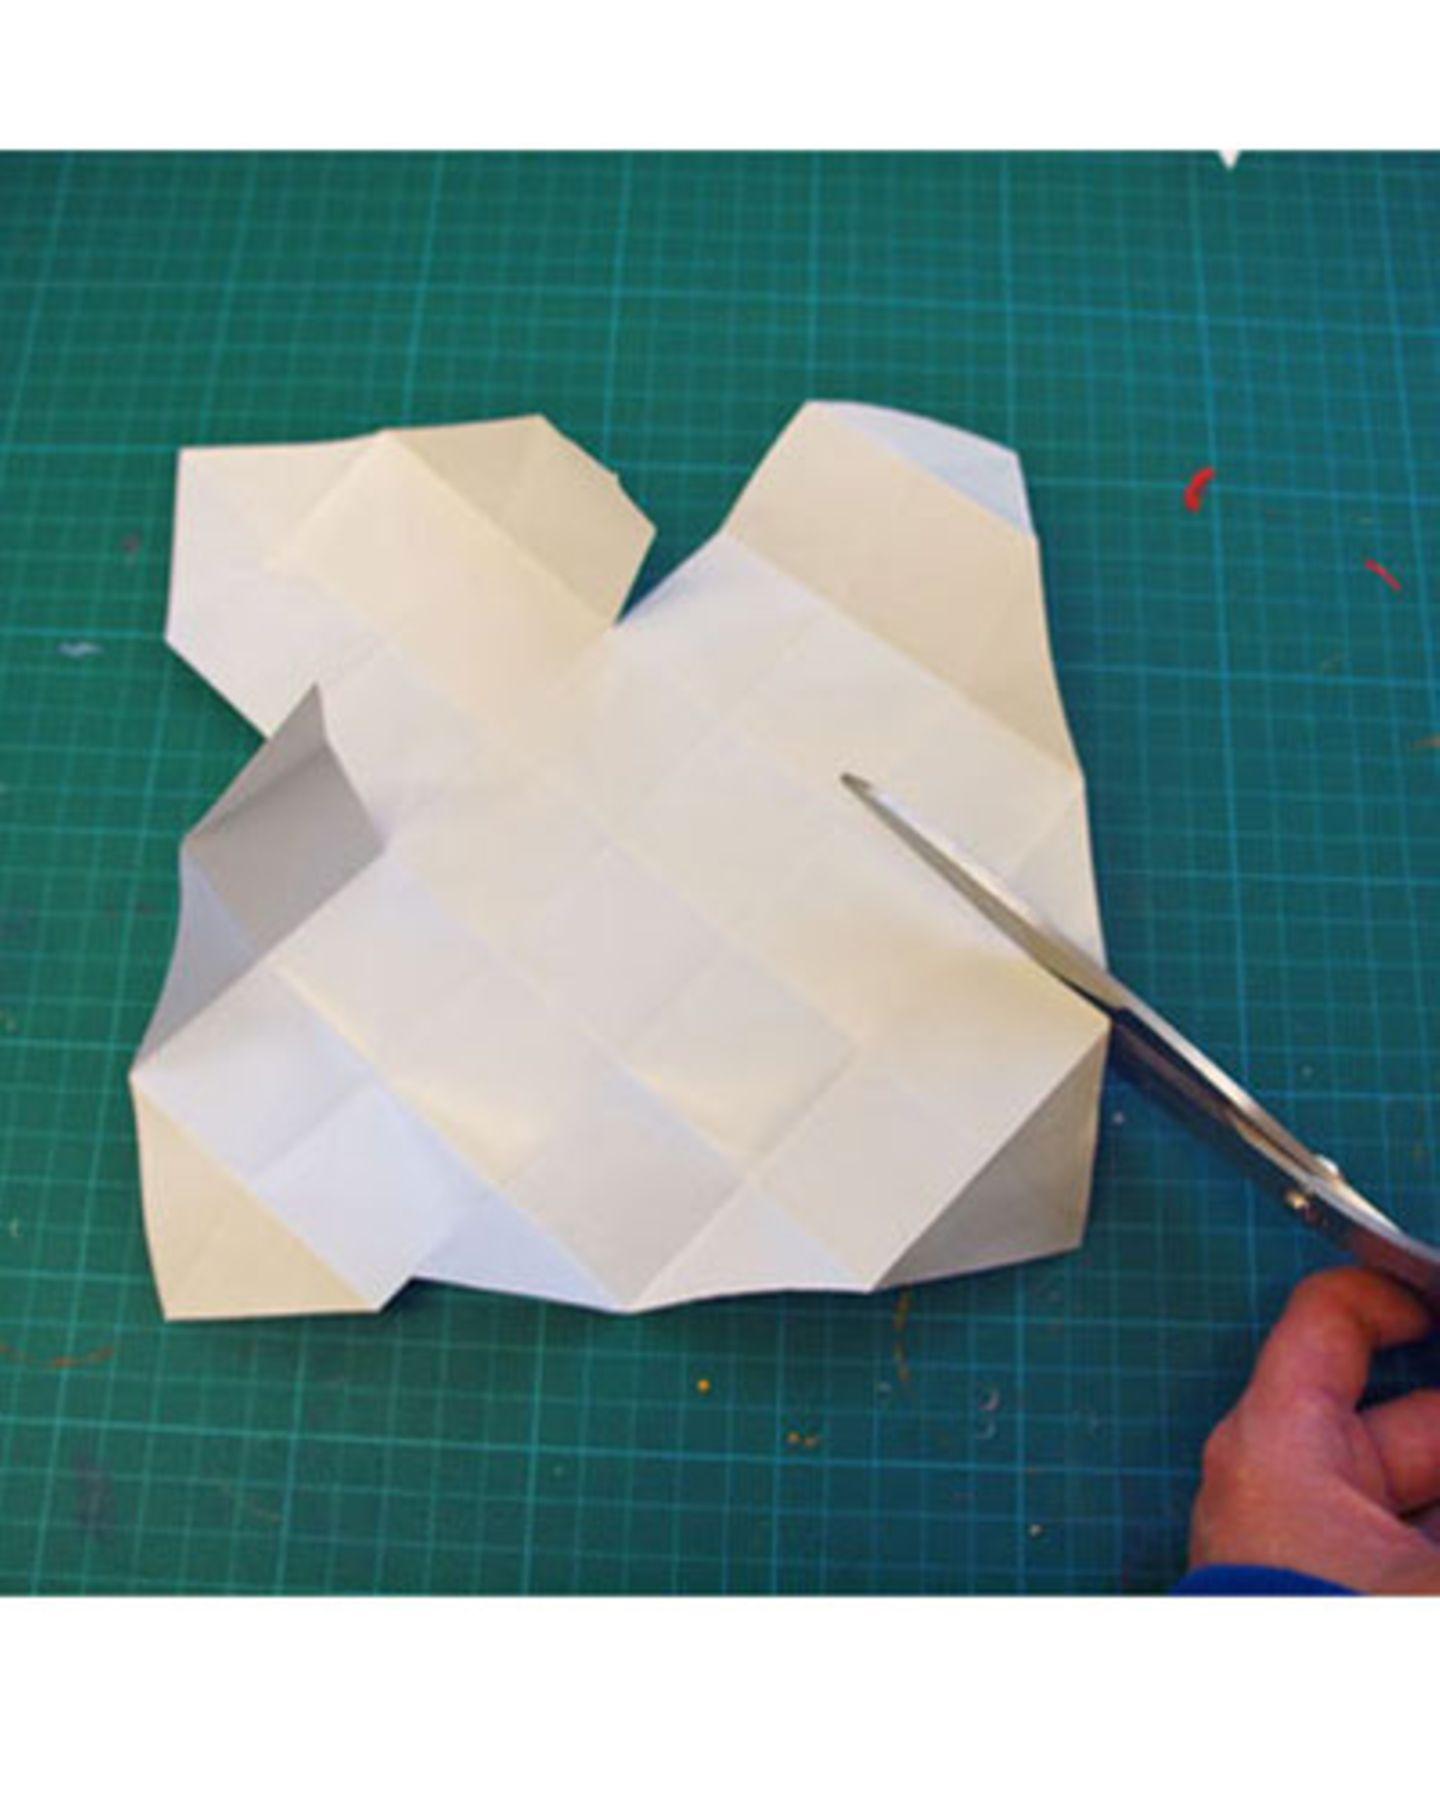 Papier einschneiden